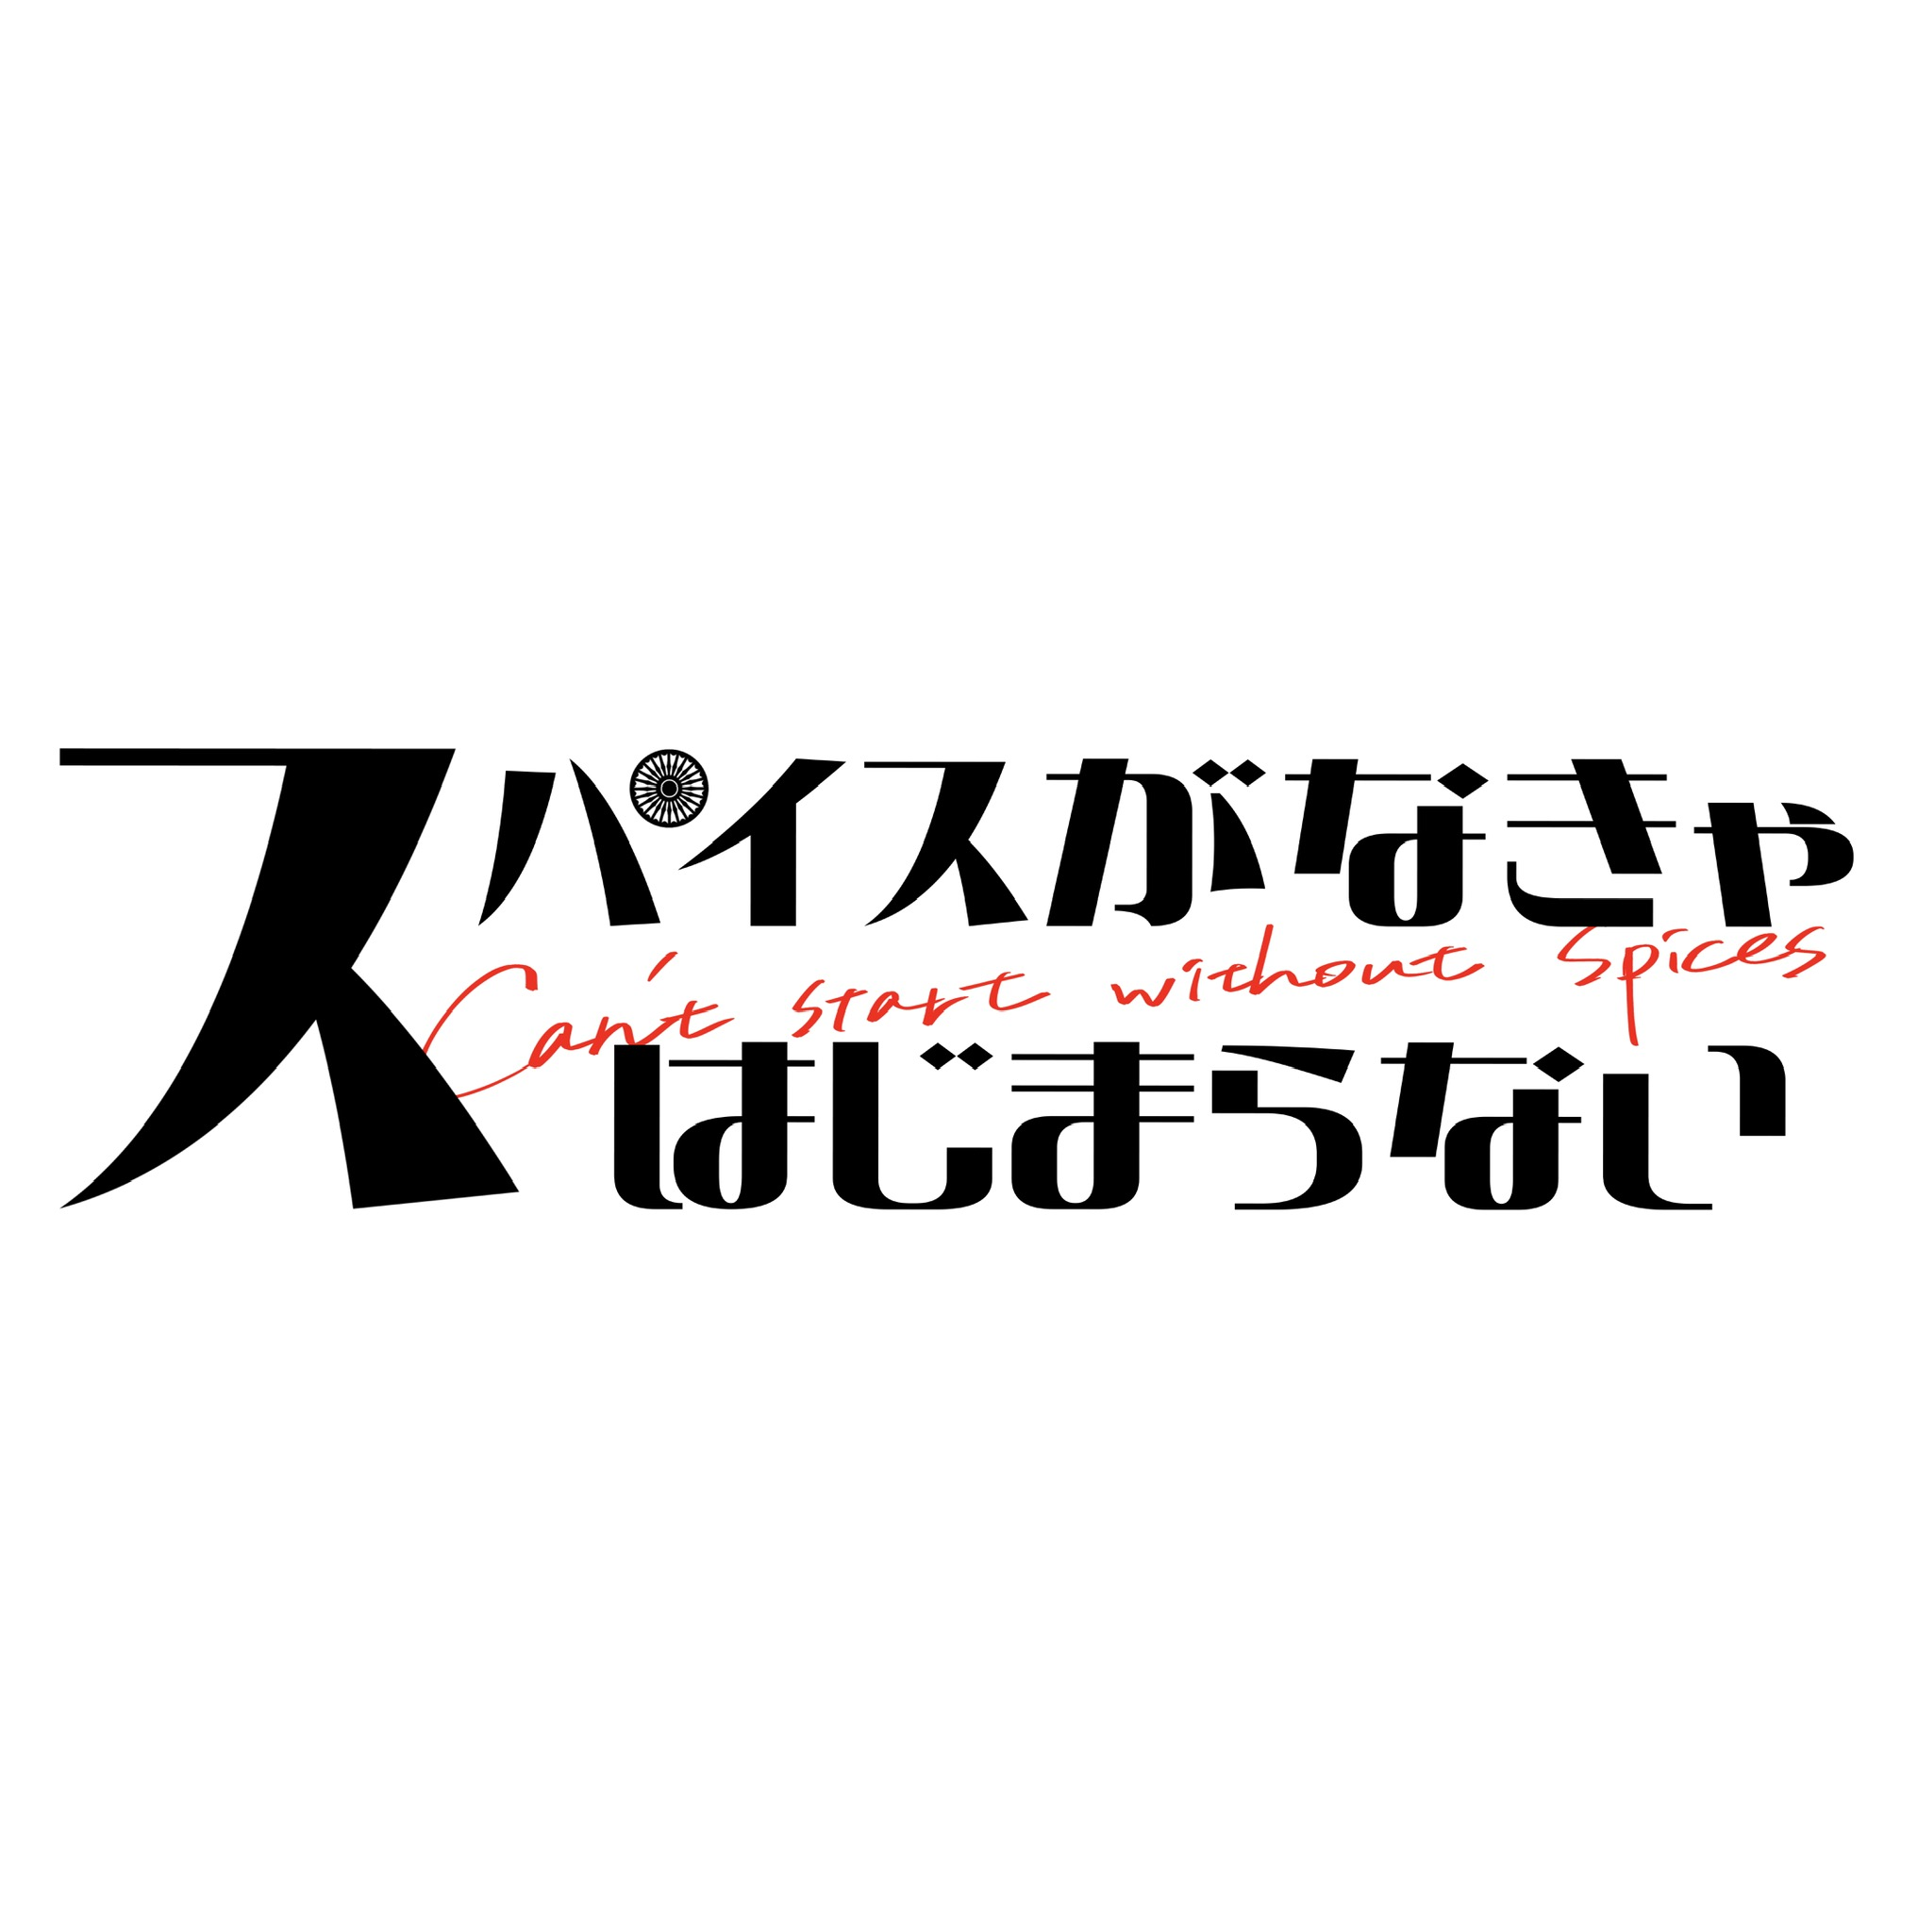 オーディション 日本大学藝術学部 卒業制作 キャスト募集 主催:日本大学藝術学部放送学科、カテゴリ:映画